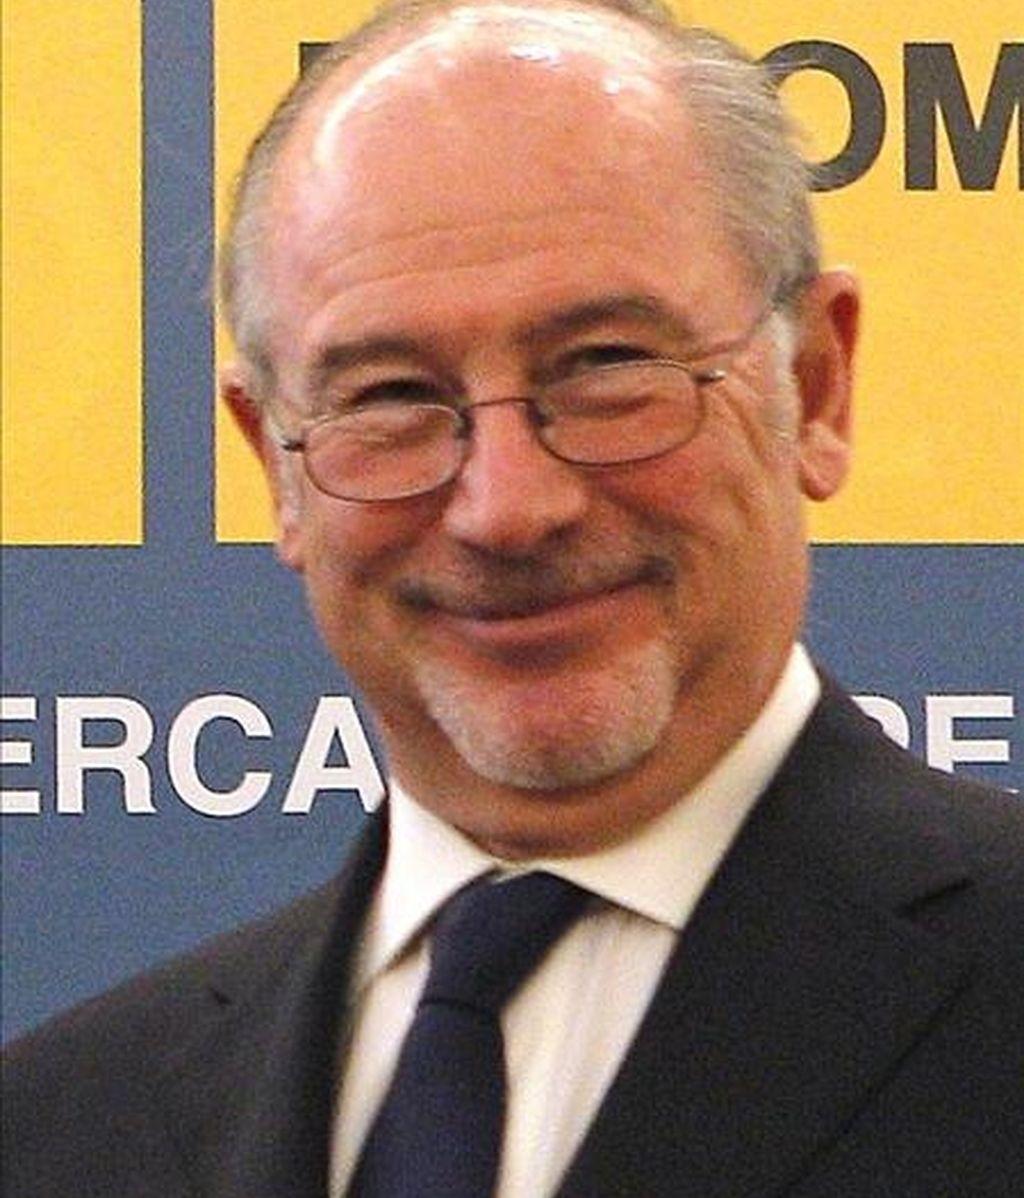 El presidente de Caja Madrid, Rodrigo Rato. EFE/Archivo